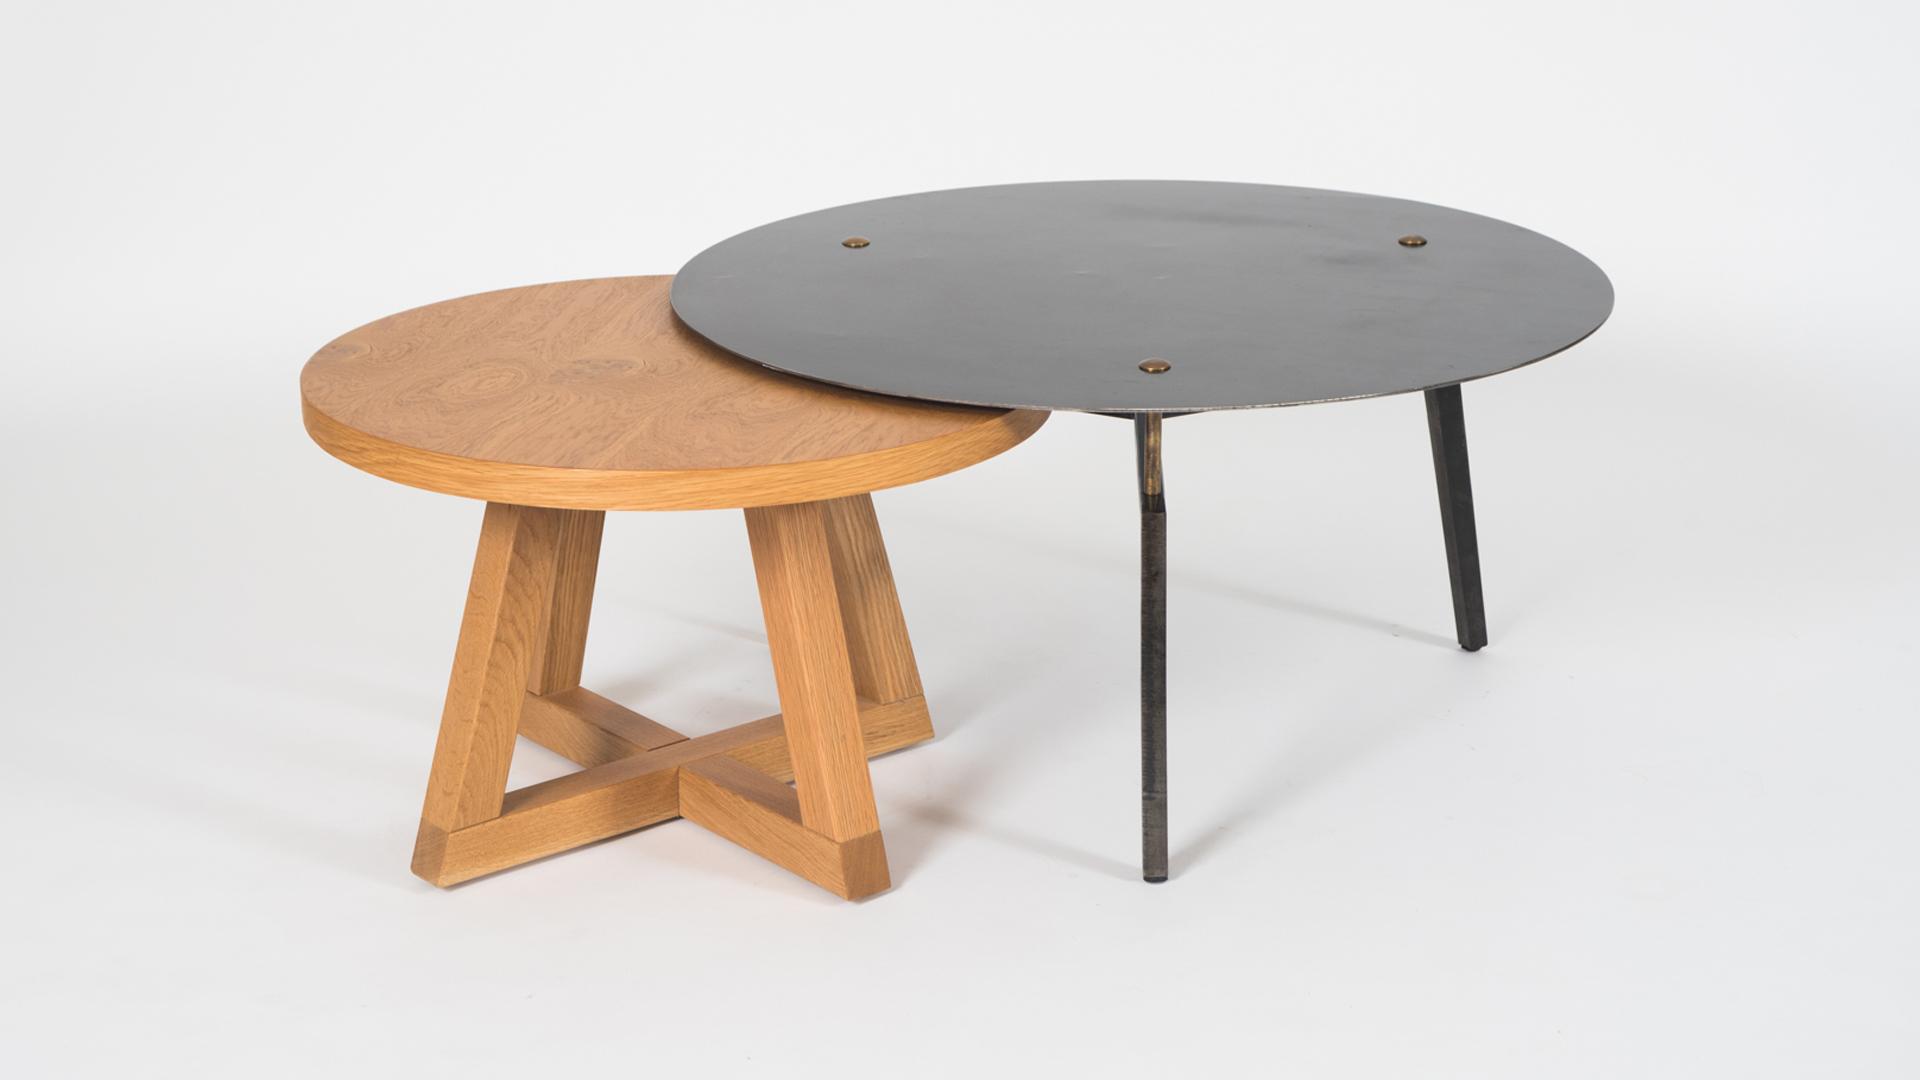 שילוב שולחן ספיידר ושולחן אקס